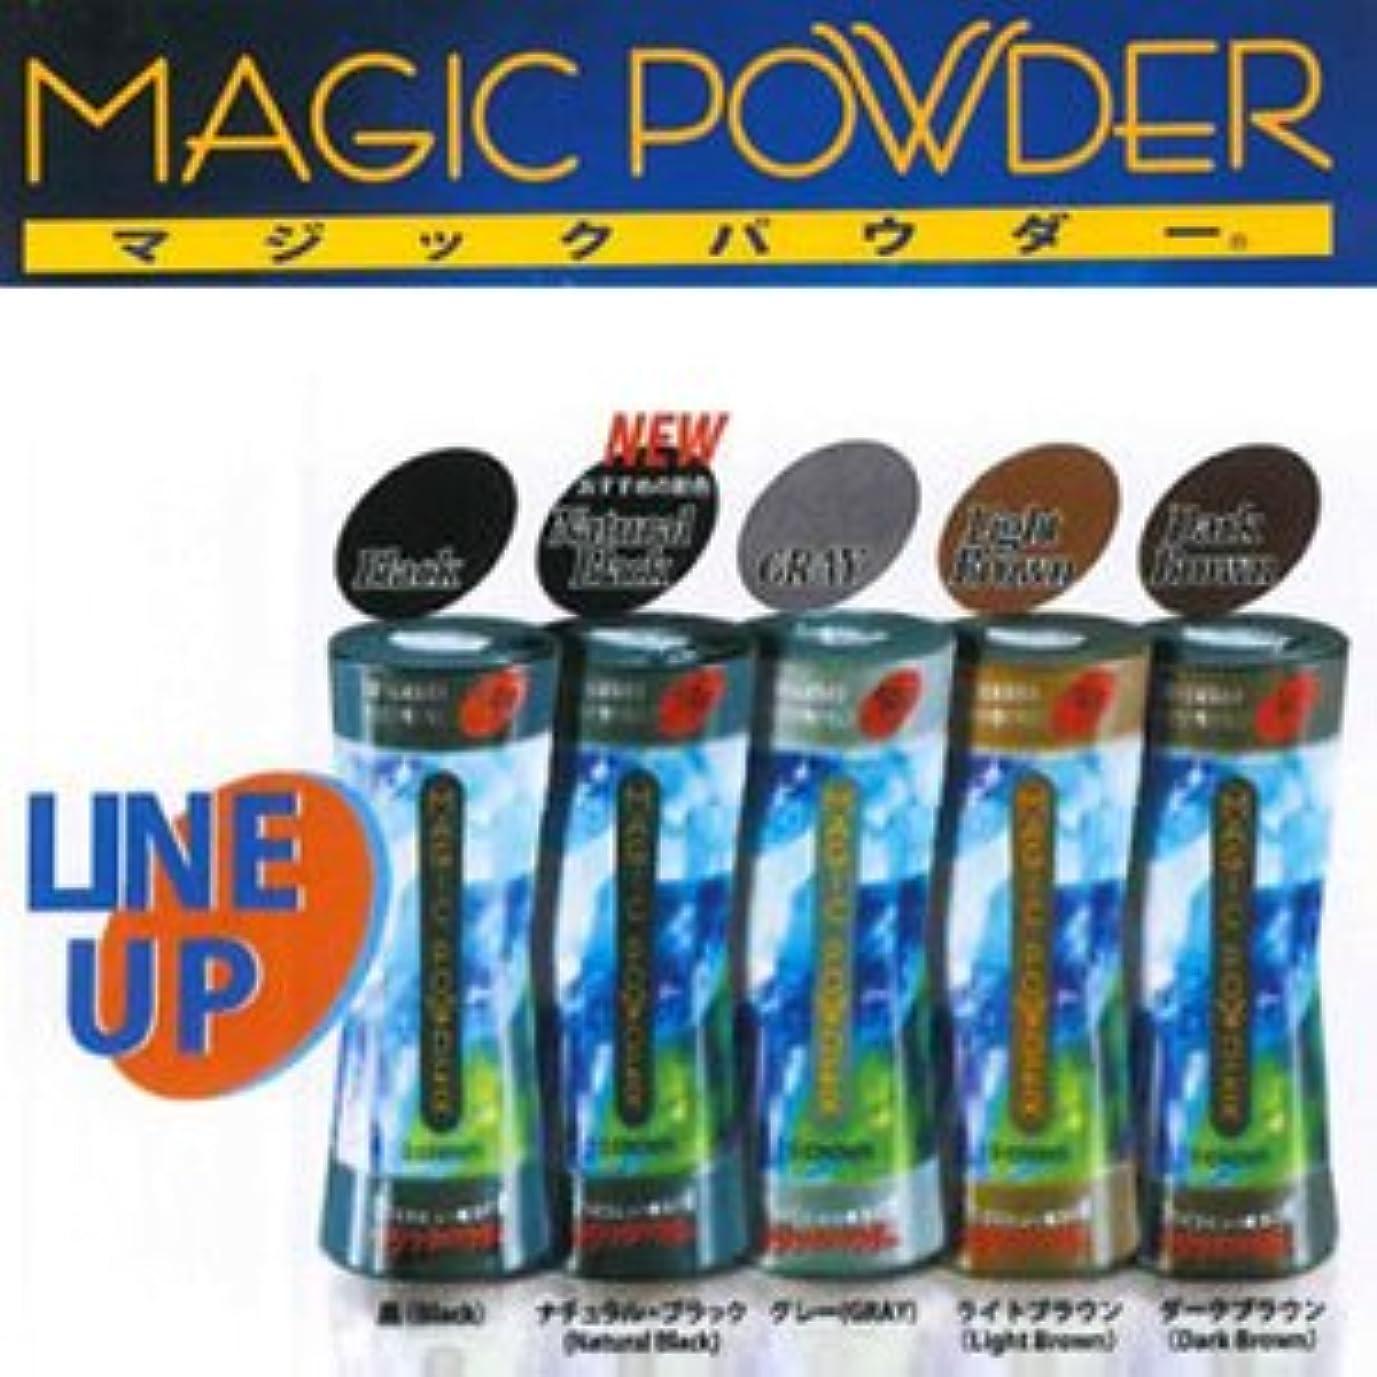 オーロック慎重にビリーMAGIC POWDER マジックパウダー グレー 50g  ※貴方の髪を簡単ボリュームアップ!